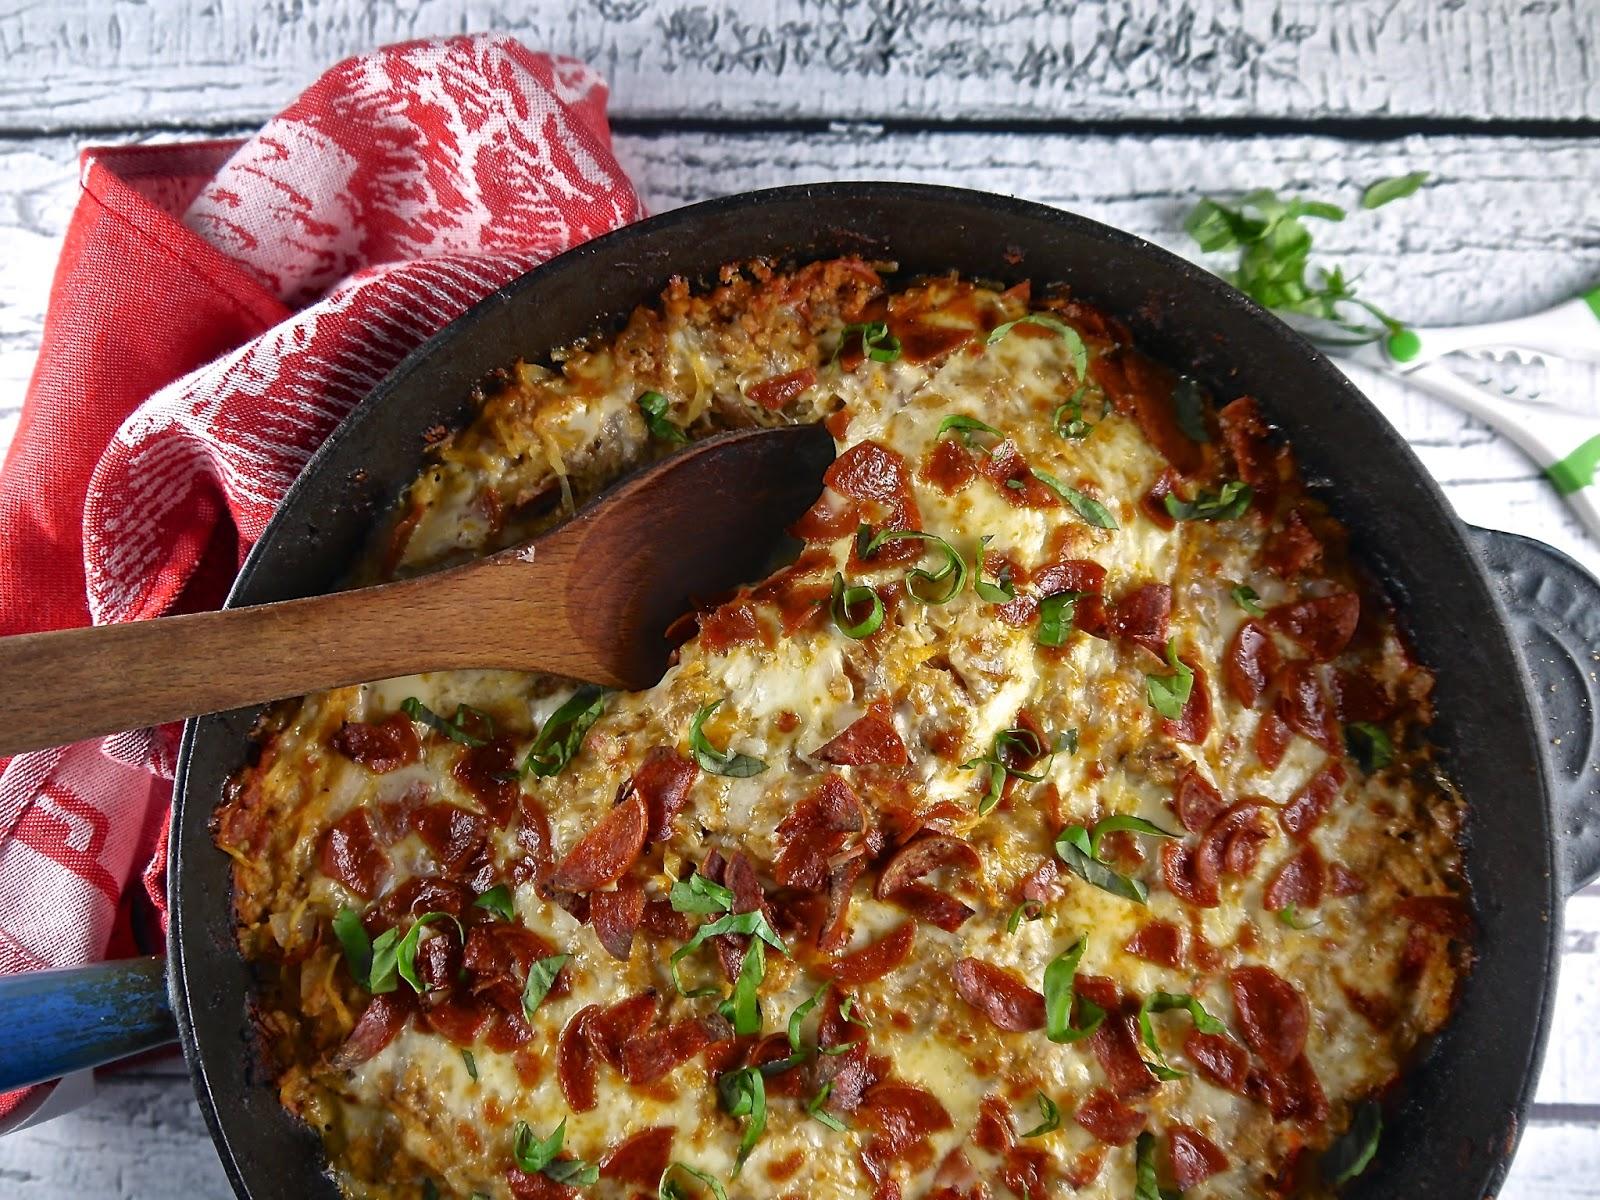 paleo spaghetti squash pizza casserole (recipe revisit)